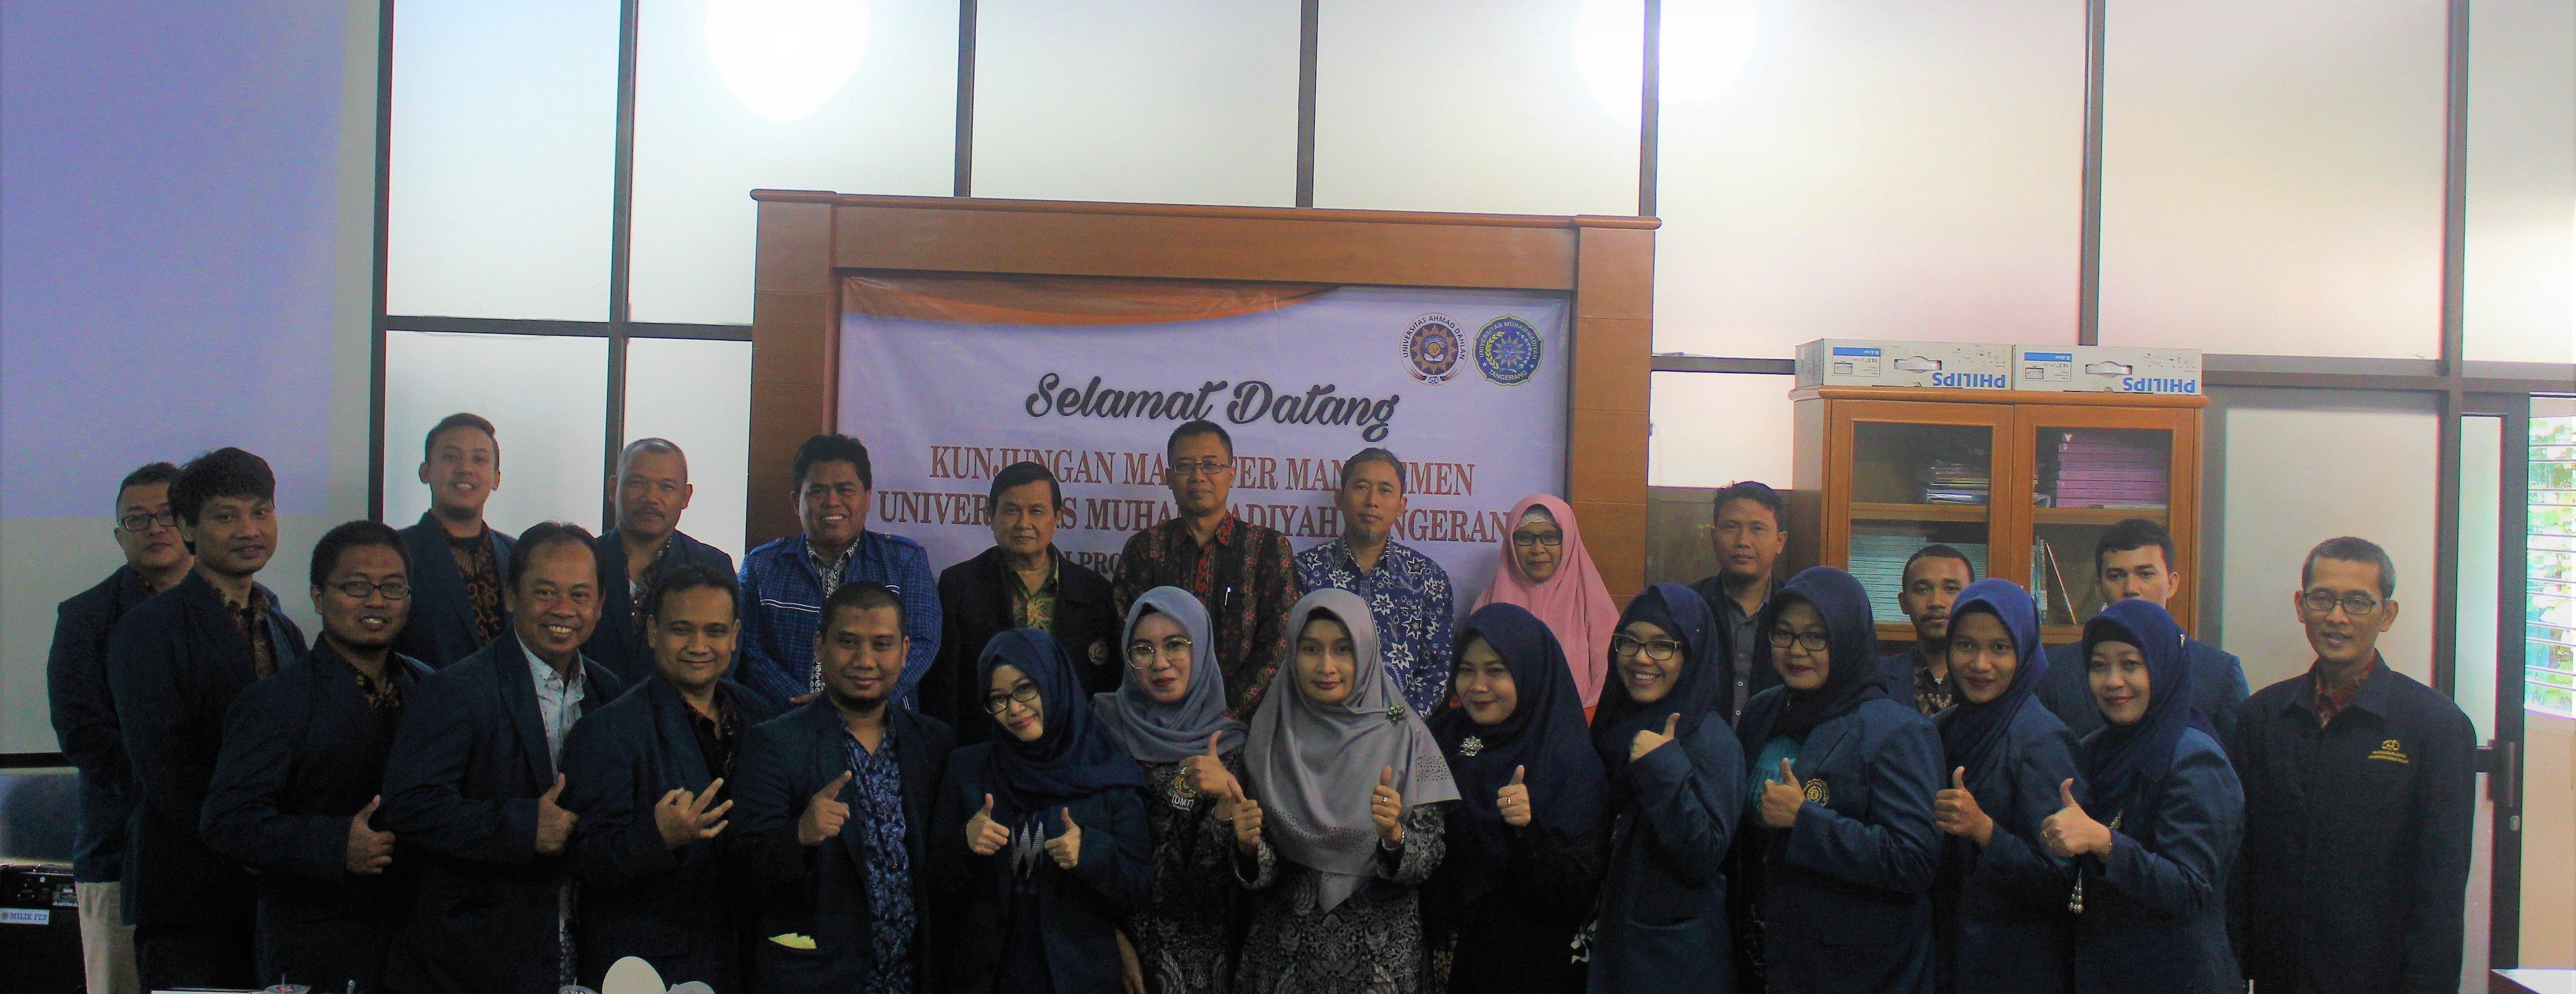 Kegiatan Studi Banding dan Silaturahmi Universitas Muhammadiyah Tangerang